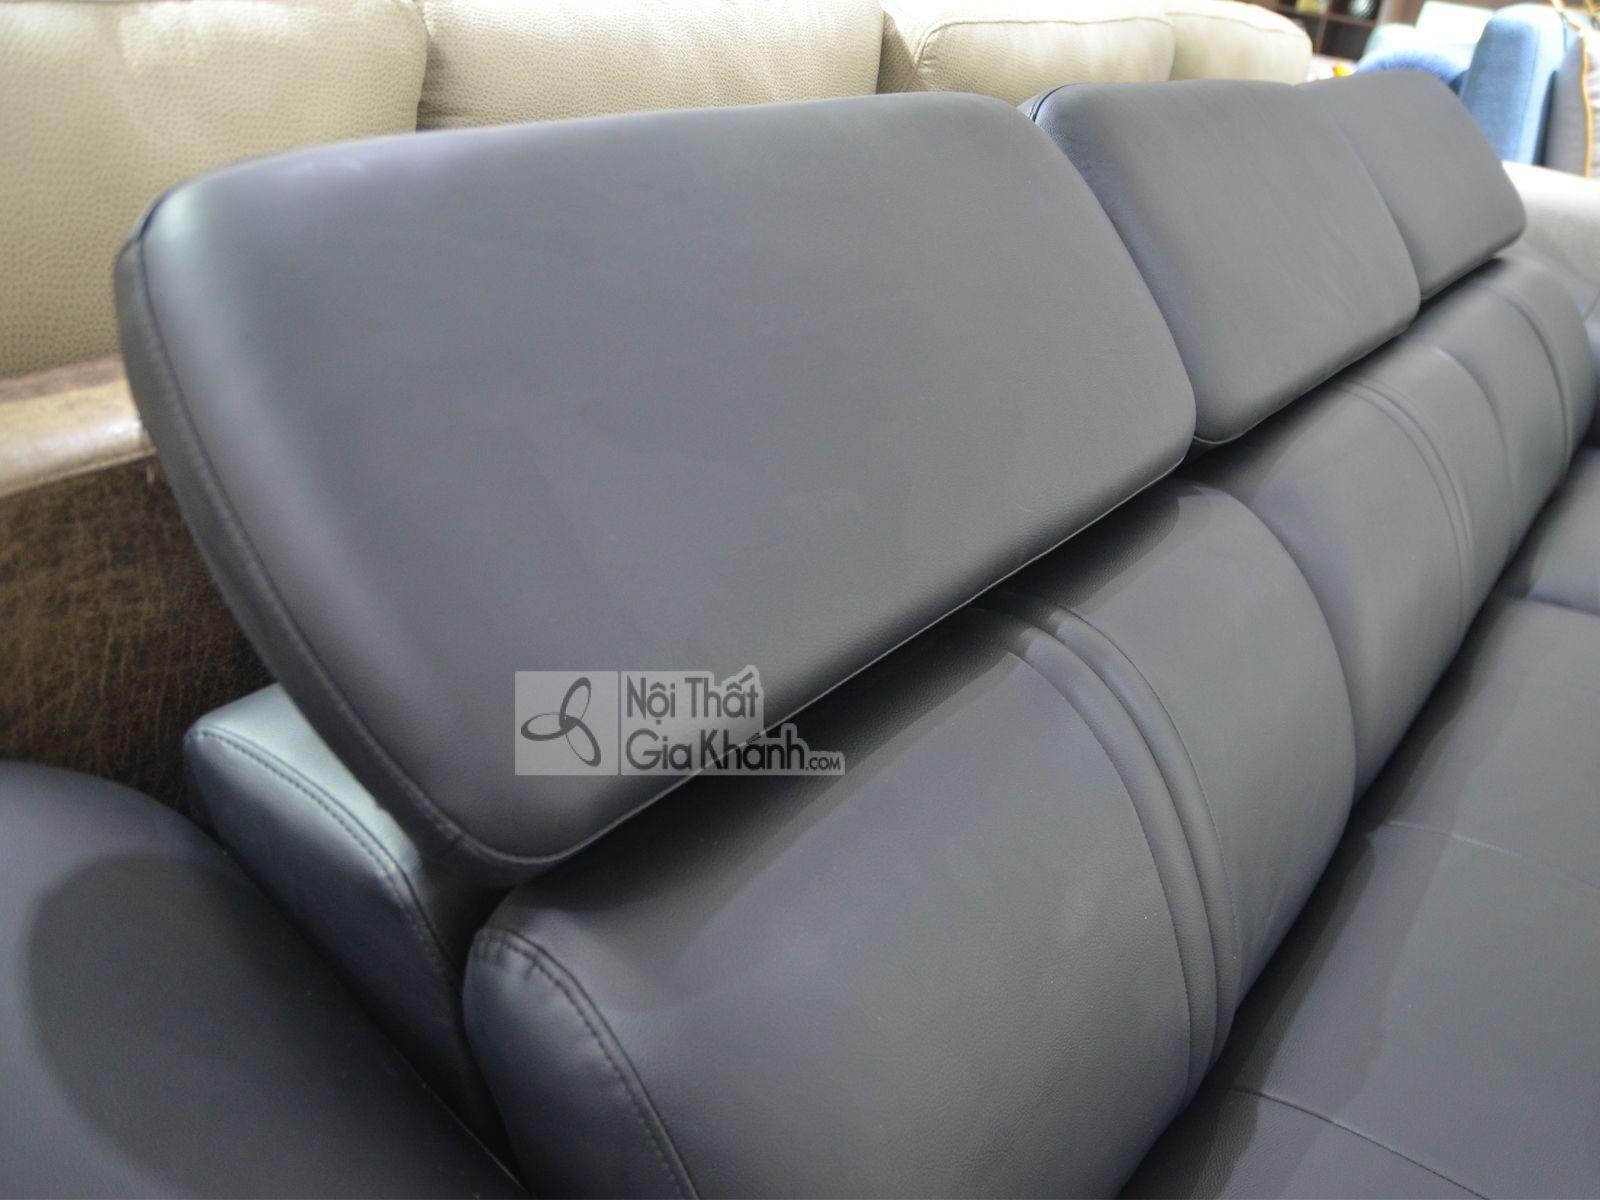 sofa da phong khach 6725d sf 3 - Sofa da 2 băng góc trái ST0672-2-C1